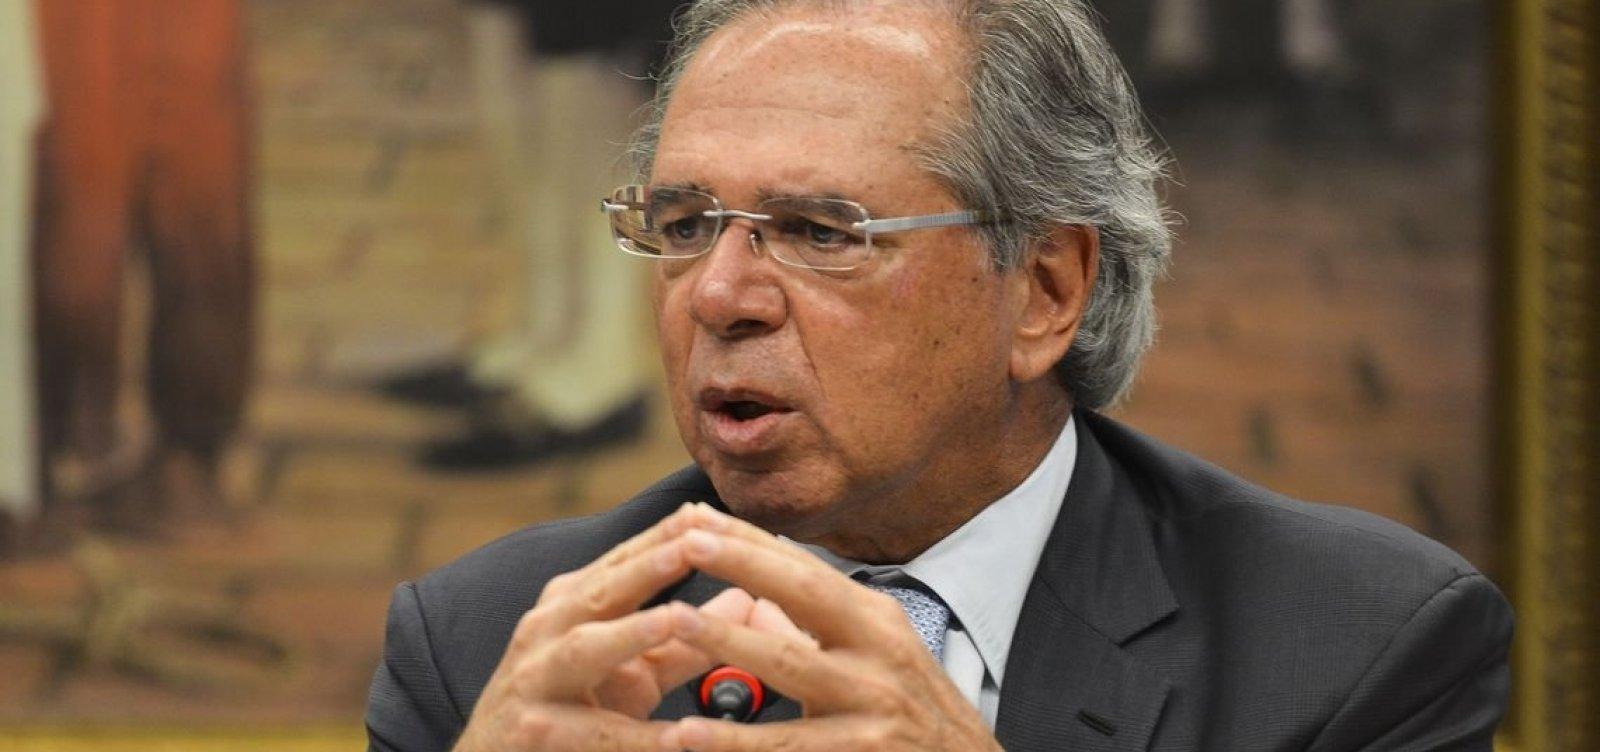 Governo pretende cortar 10% em tarifas de importação em quatro anos, diz Guedes